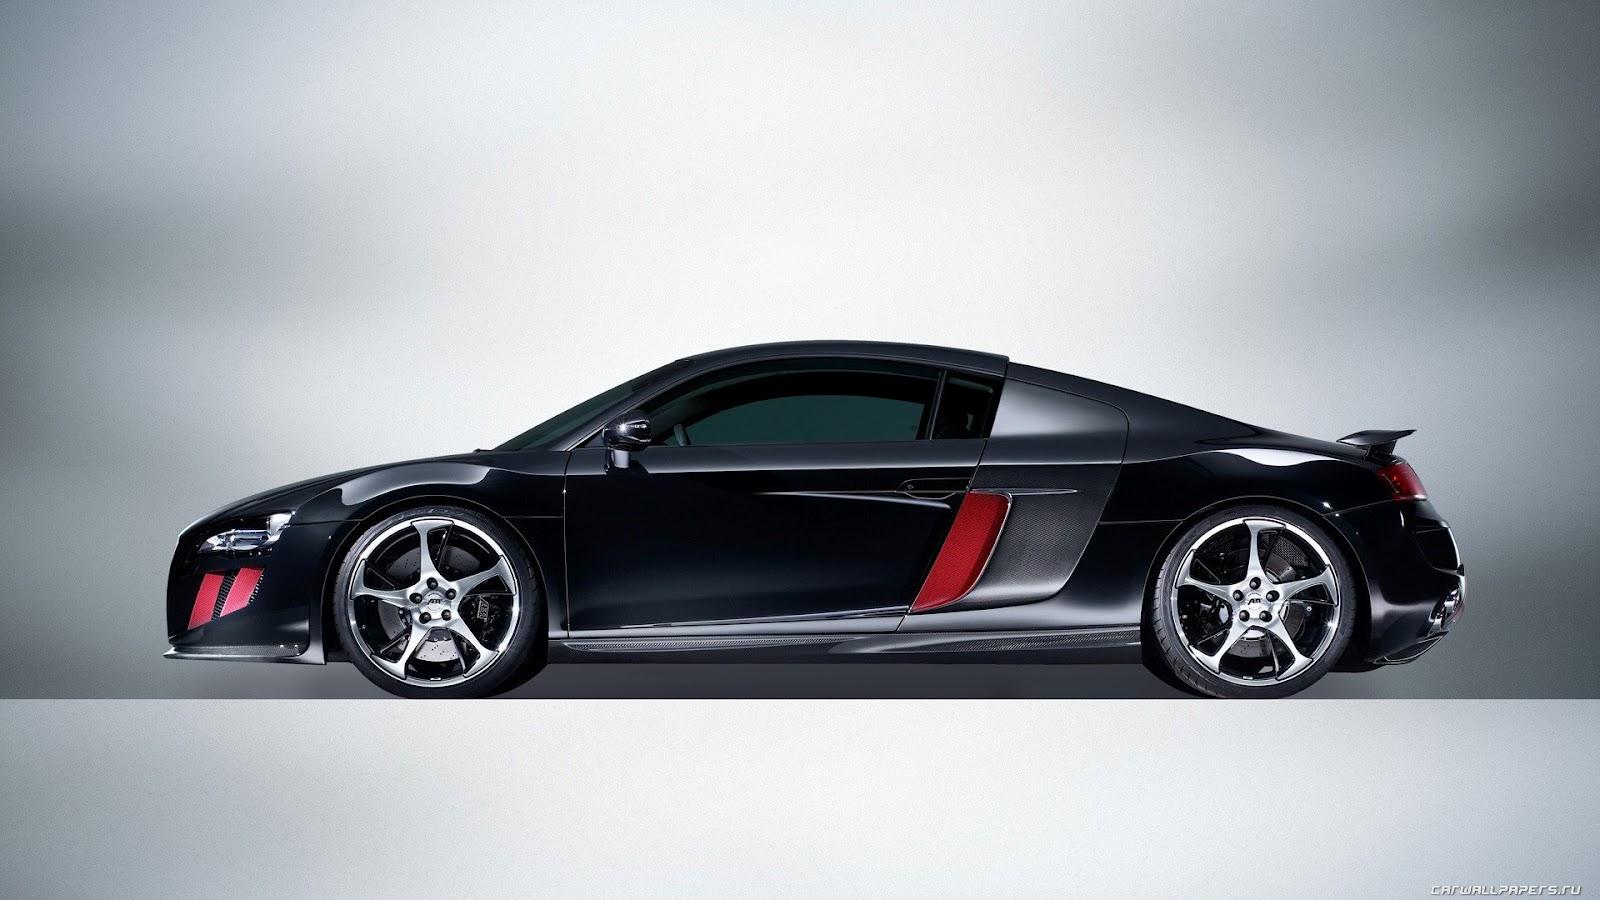 Cars HD Audi R8 HD Wallpapers 1600x900